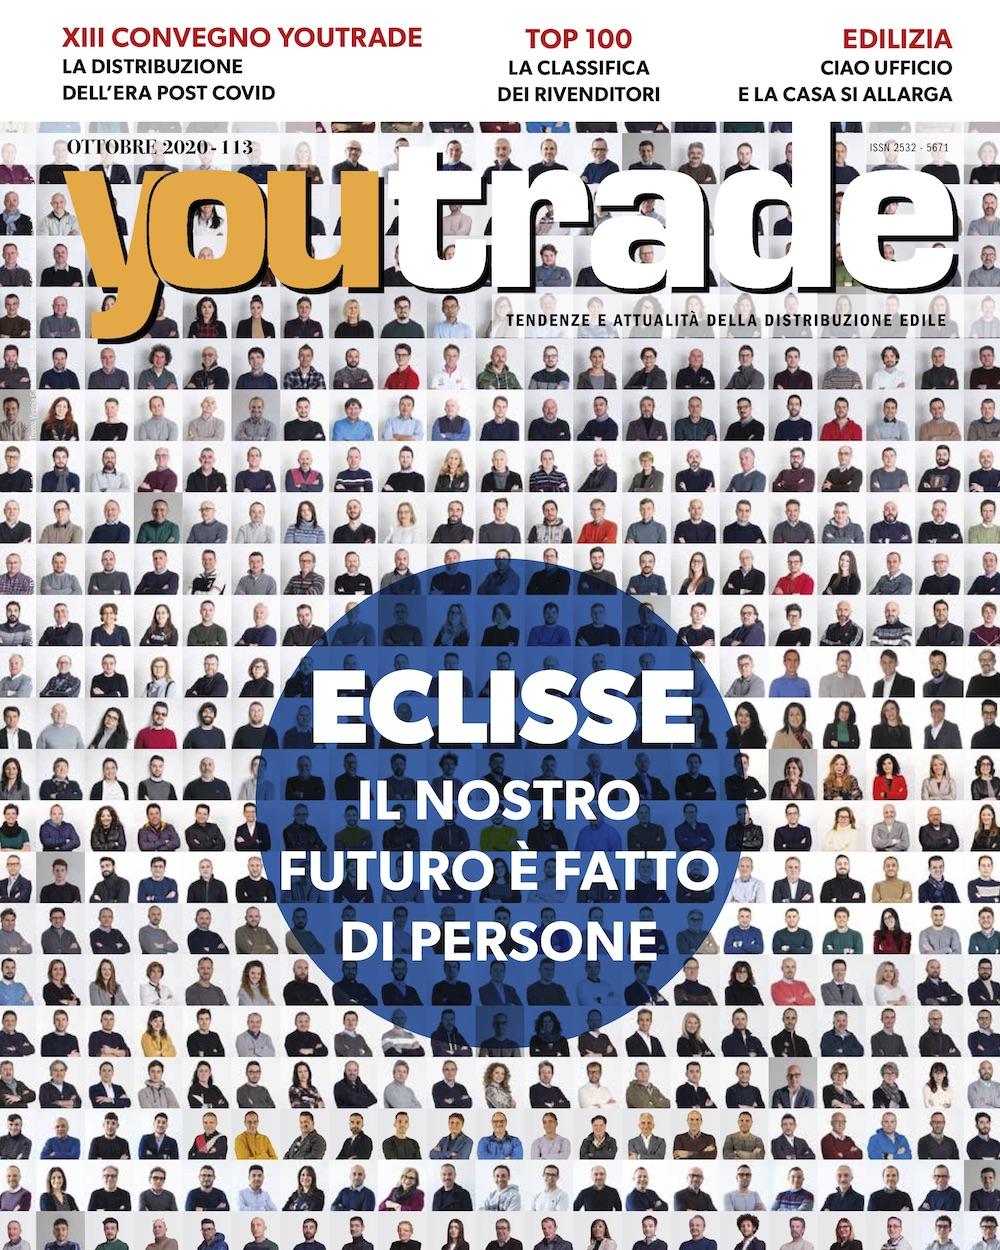 youtrade-ottobre-2020